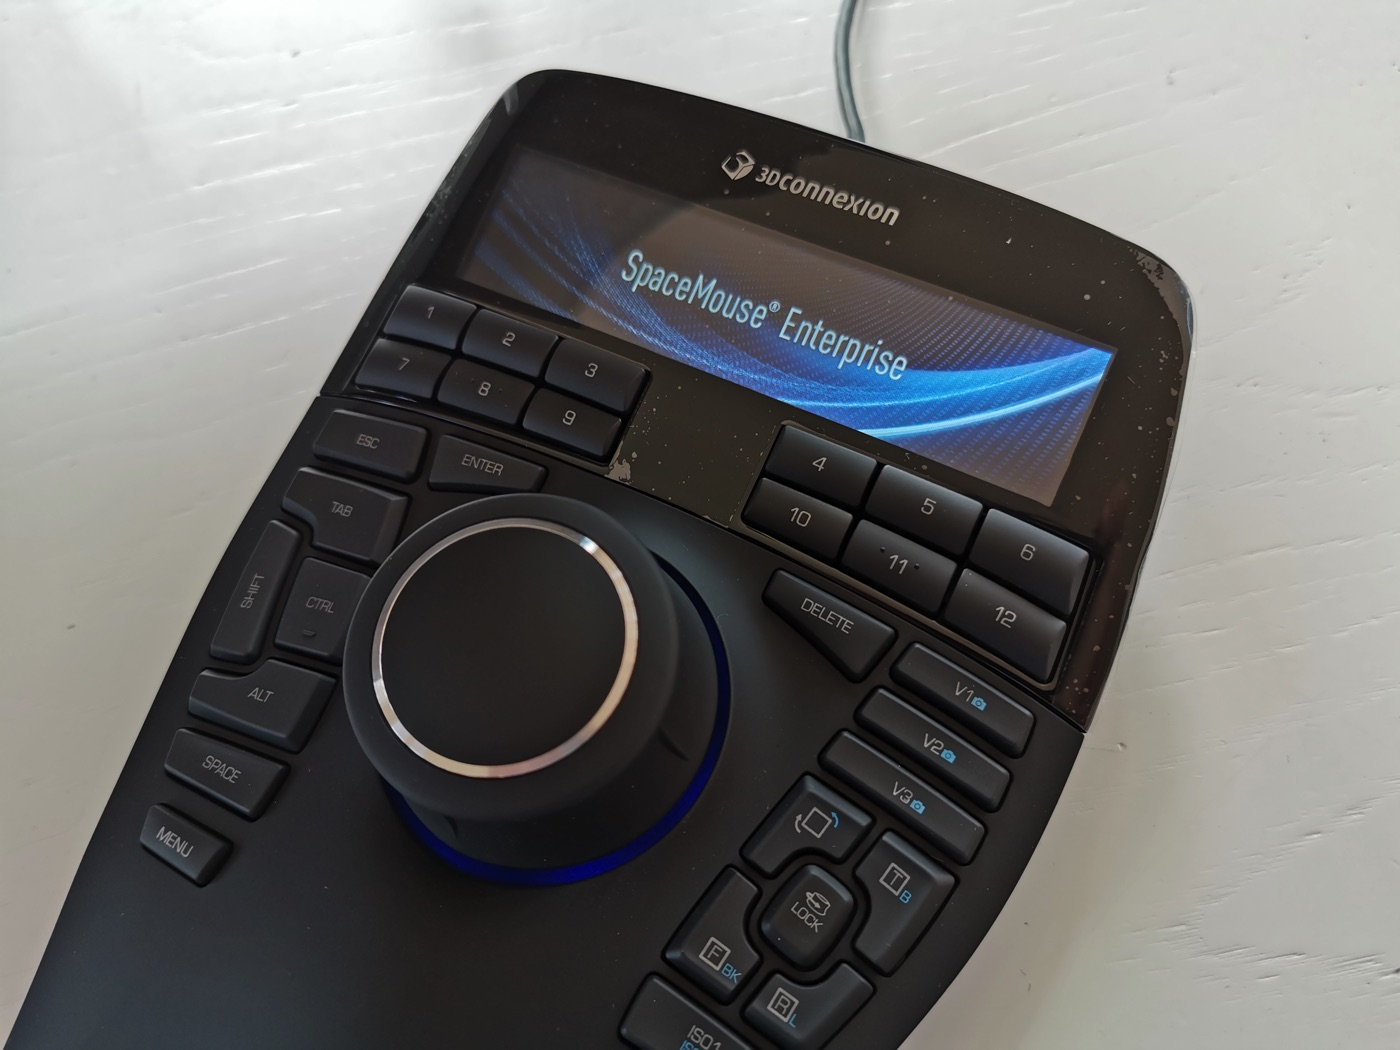 Recensione Space Mouse Enterprise Connexion 3D: disegnare e navigare in 3D al massimo